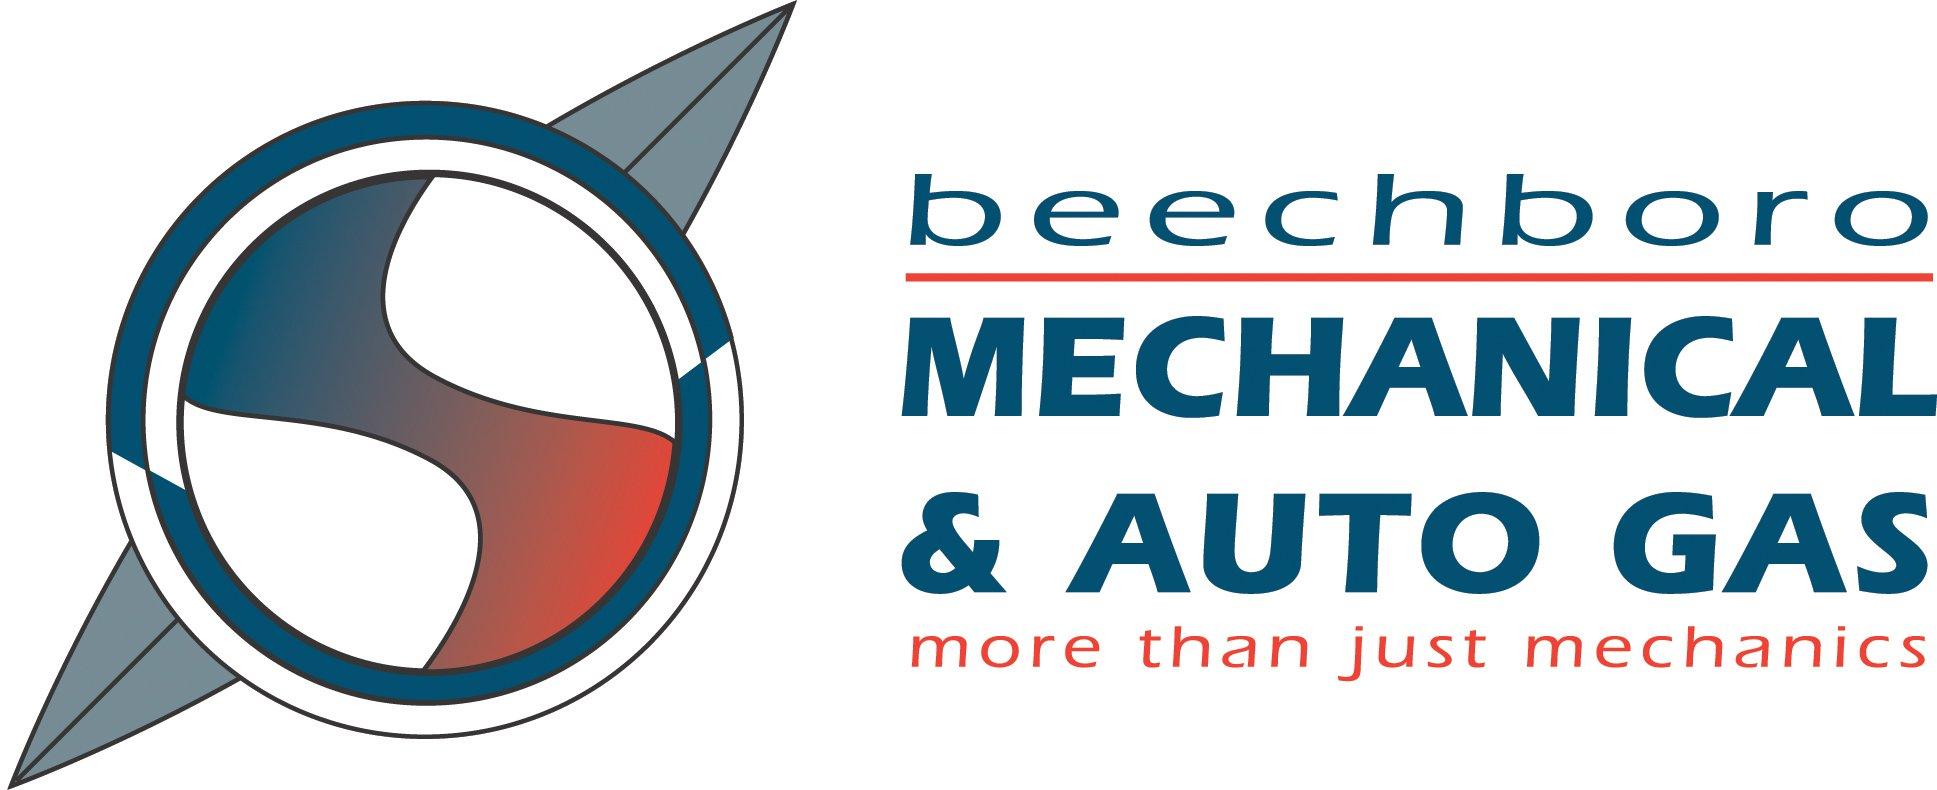 beechboro mechanical